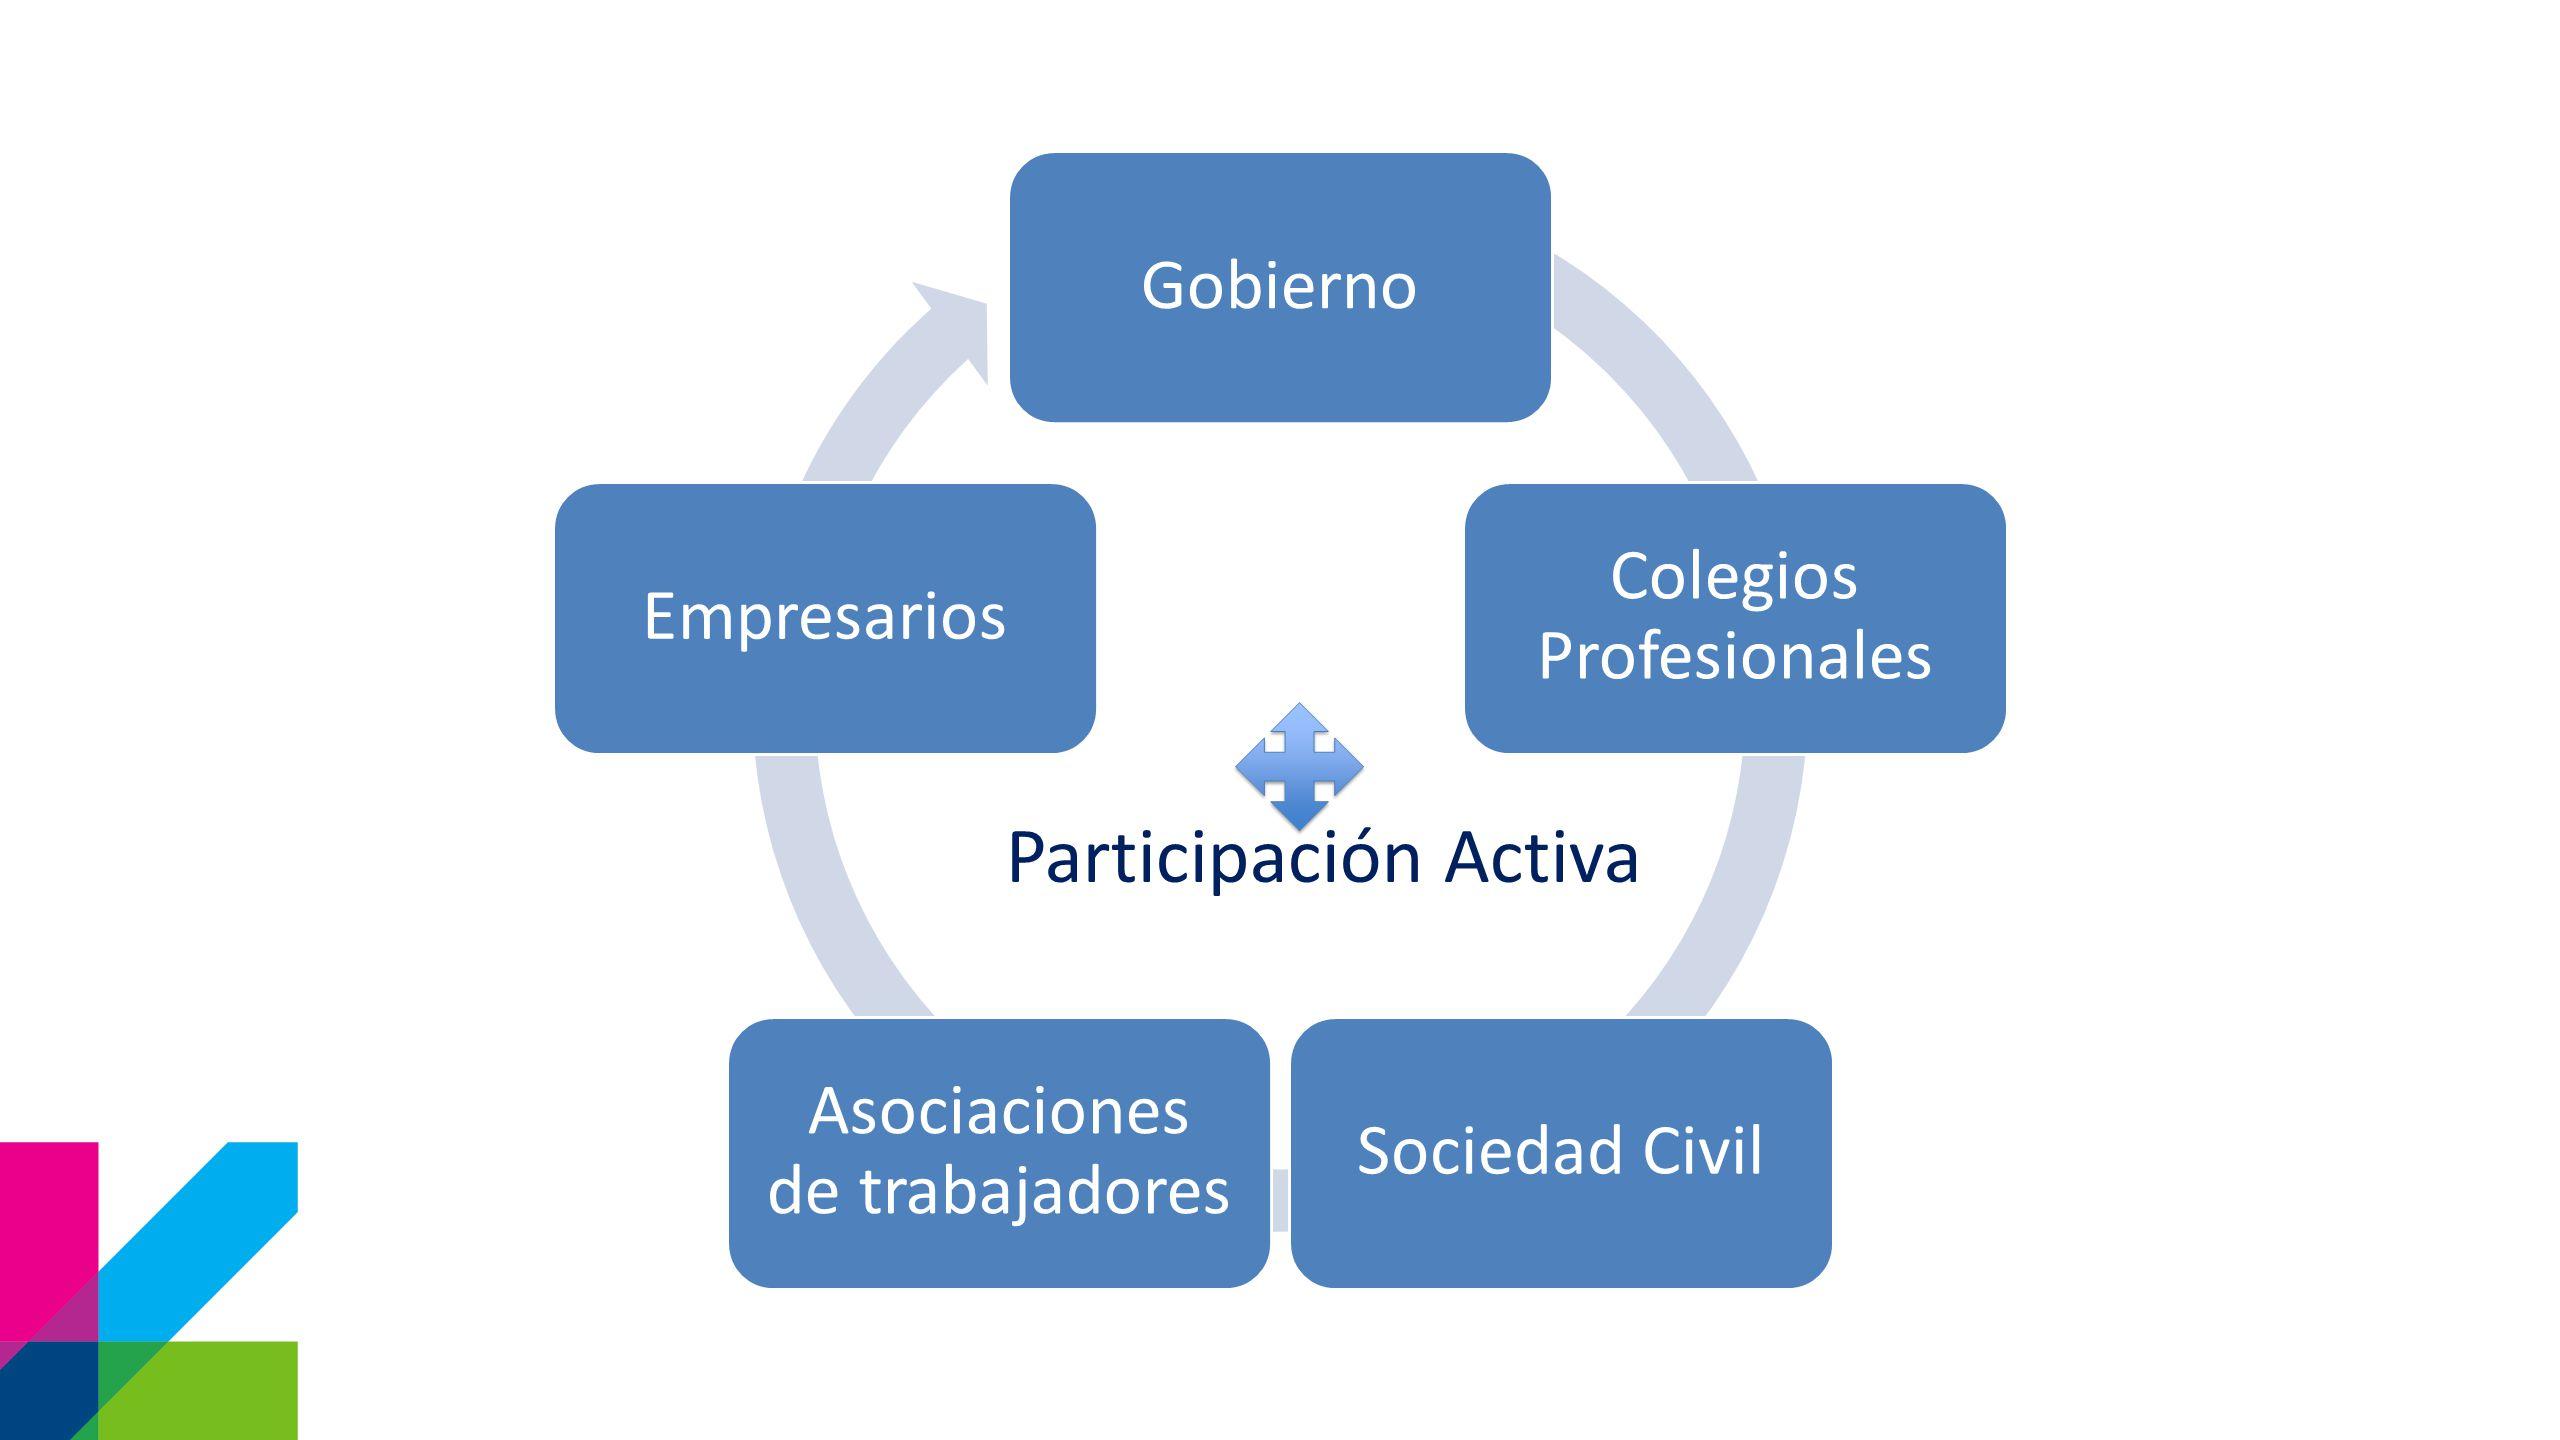 Gobierno Colegios Profesionales Sociedad Civil Asociaciones de trabajadores Empresarios Participación Activa